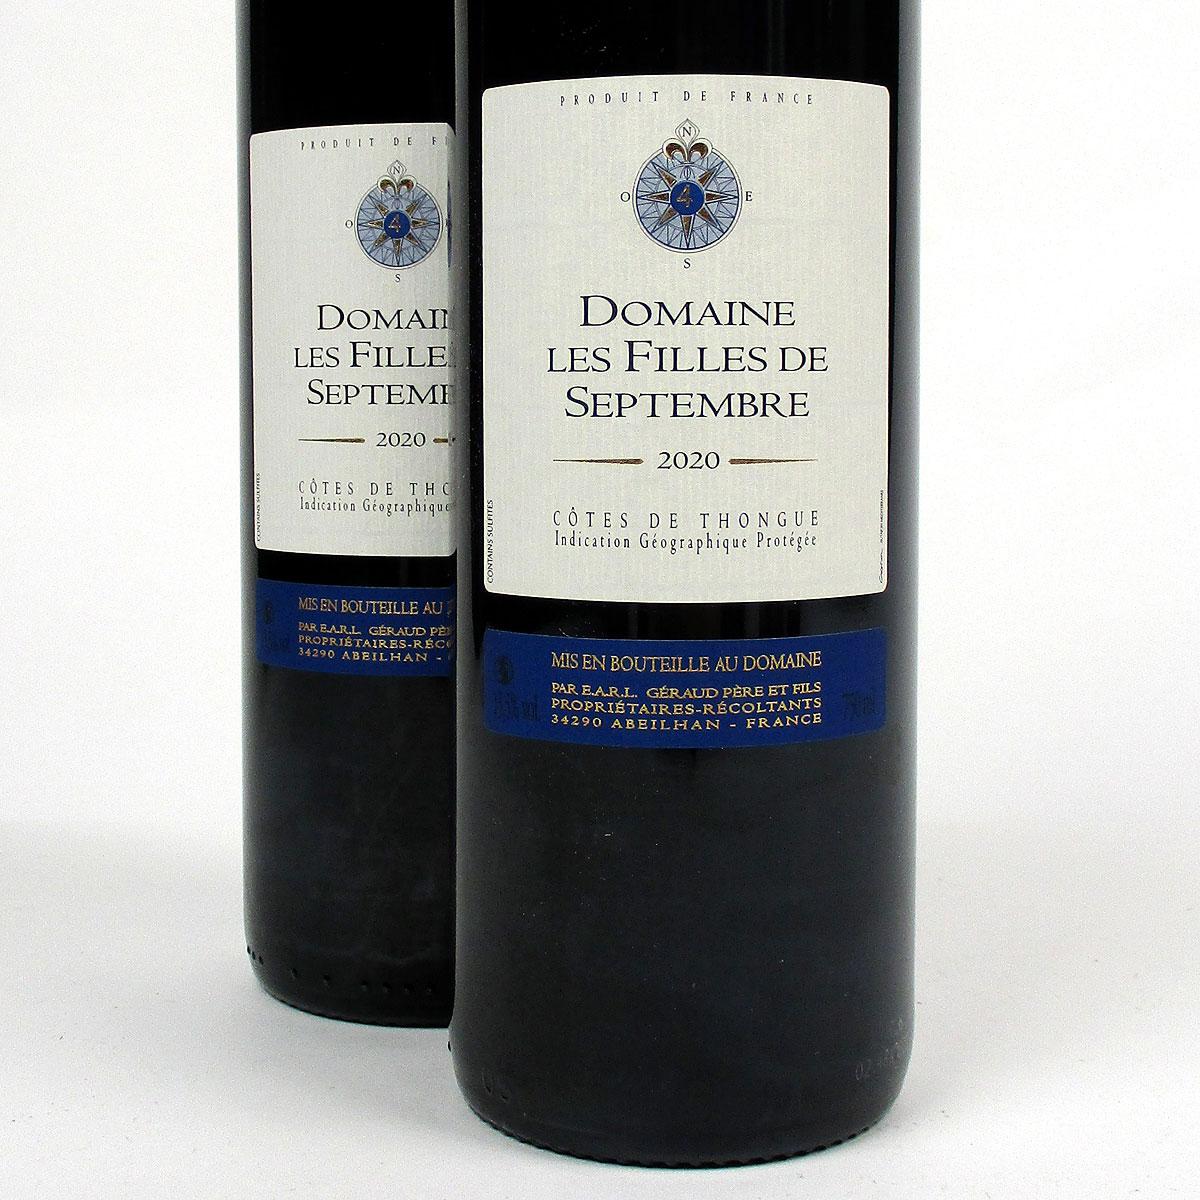 Côtes de Thongue: Domaine Les Filles de Septembre 'Tradition' 2020